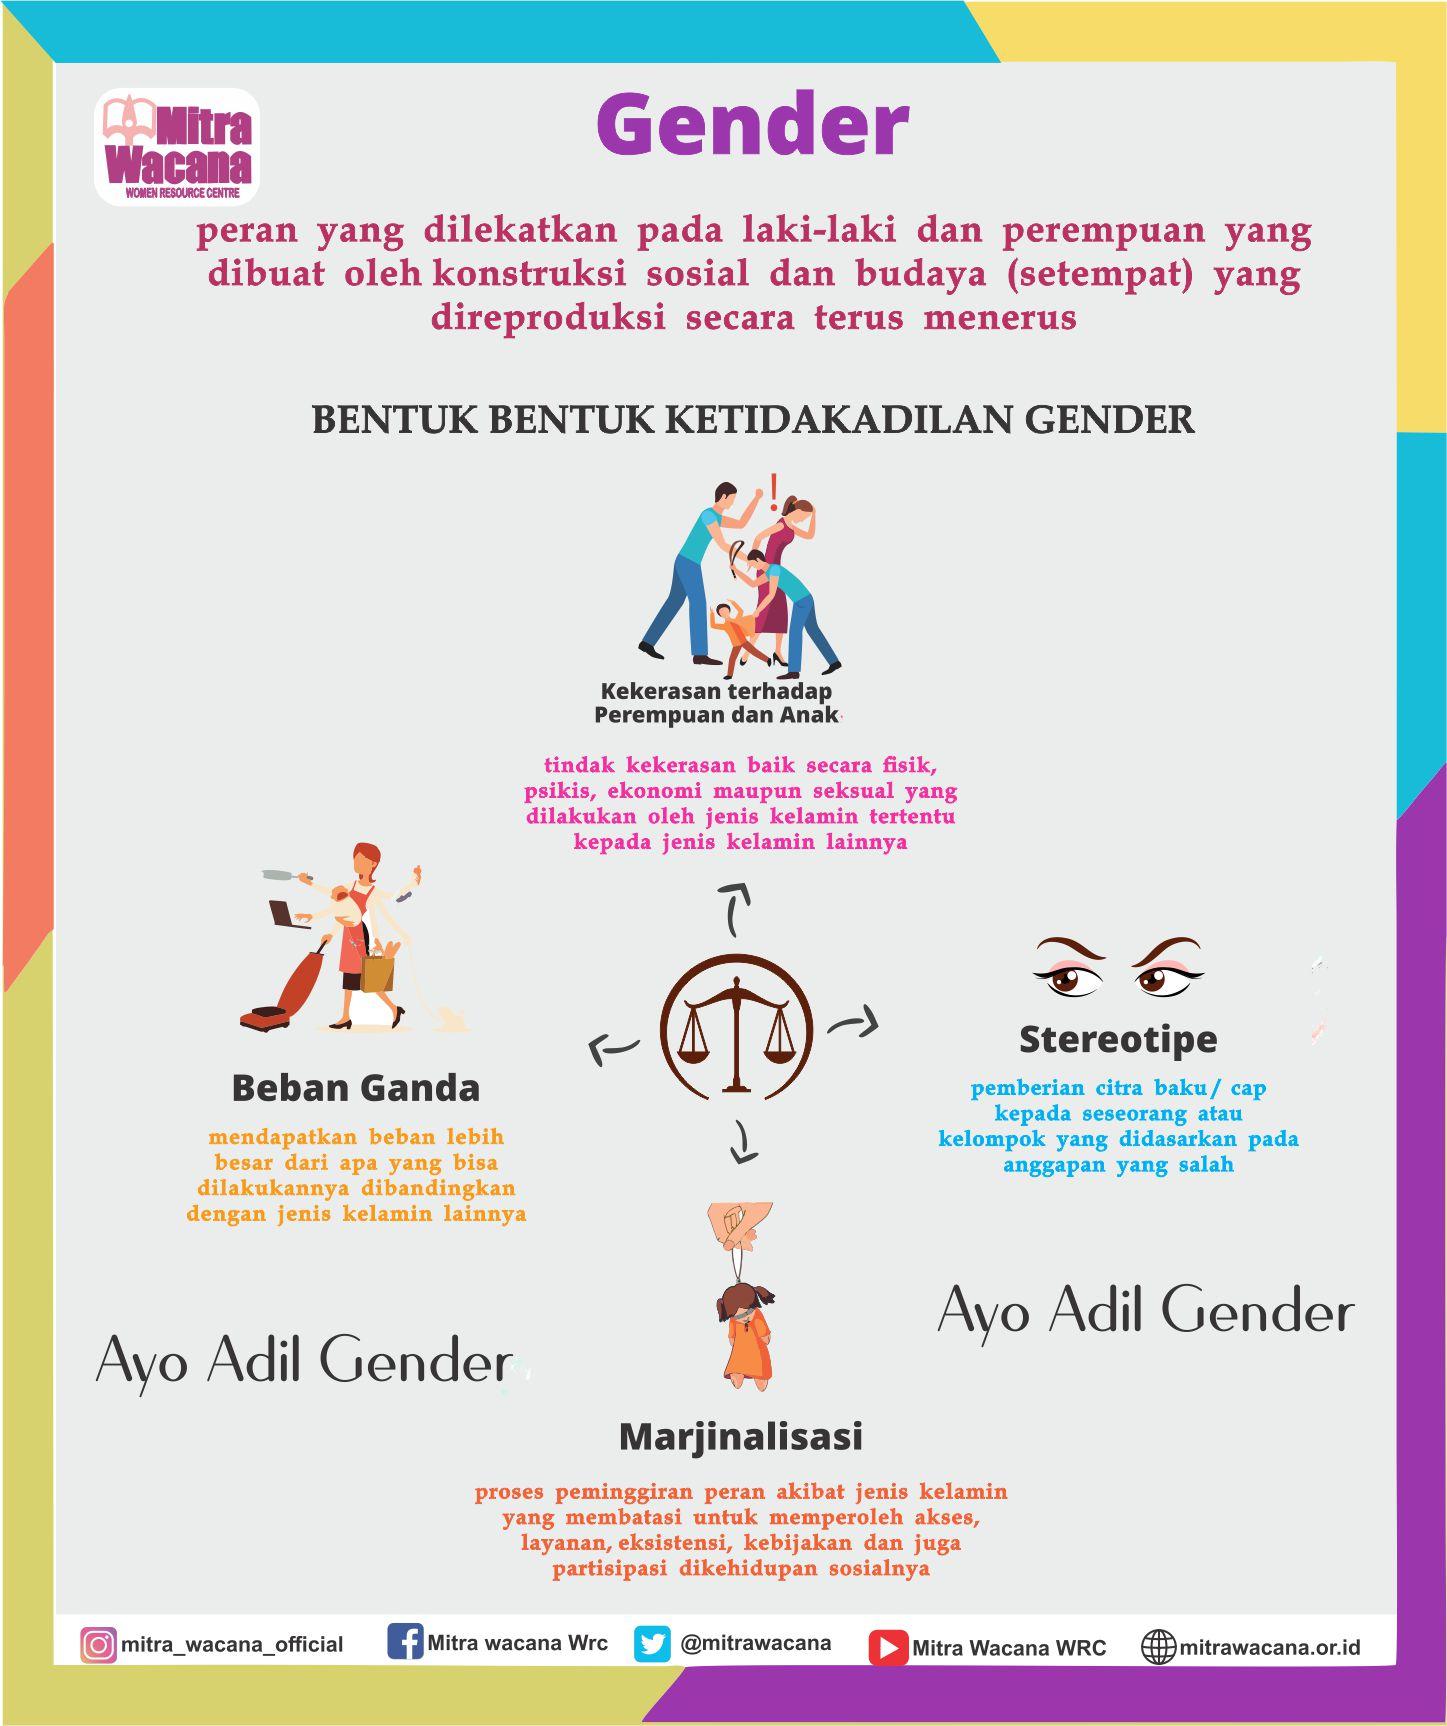 perempuan sering sekali menjadi korban dari ketidakadilan gender